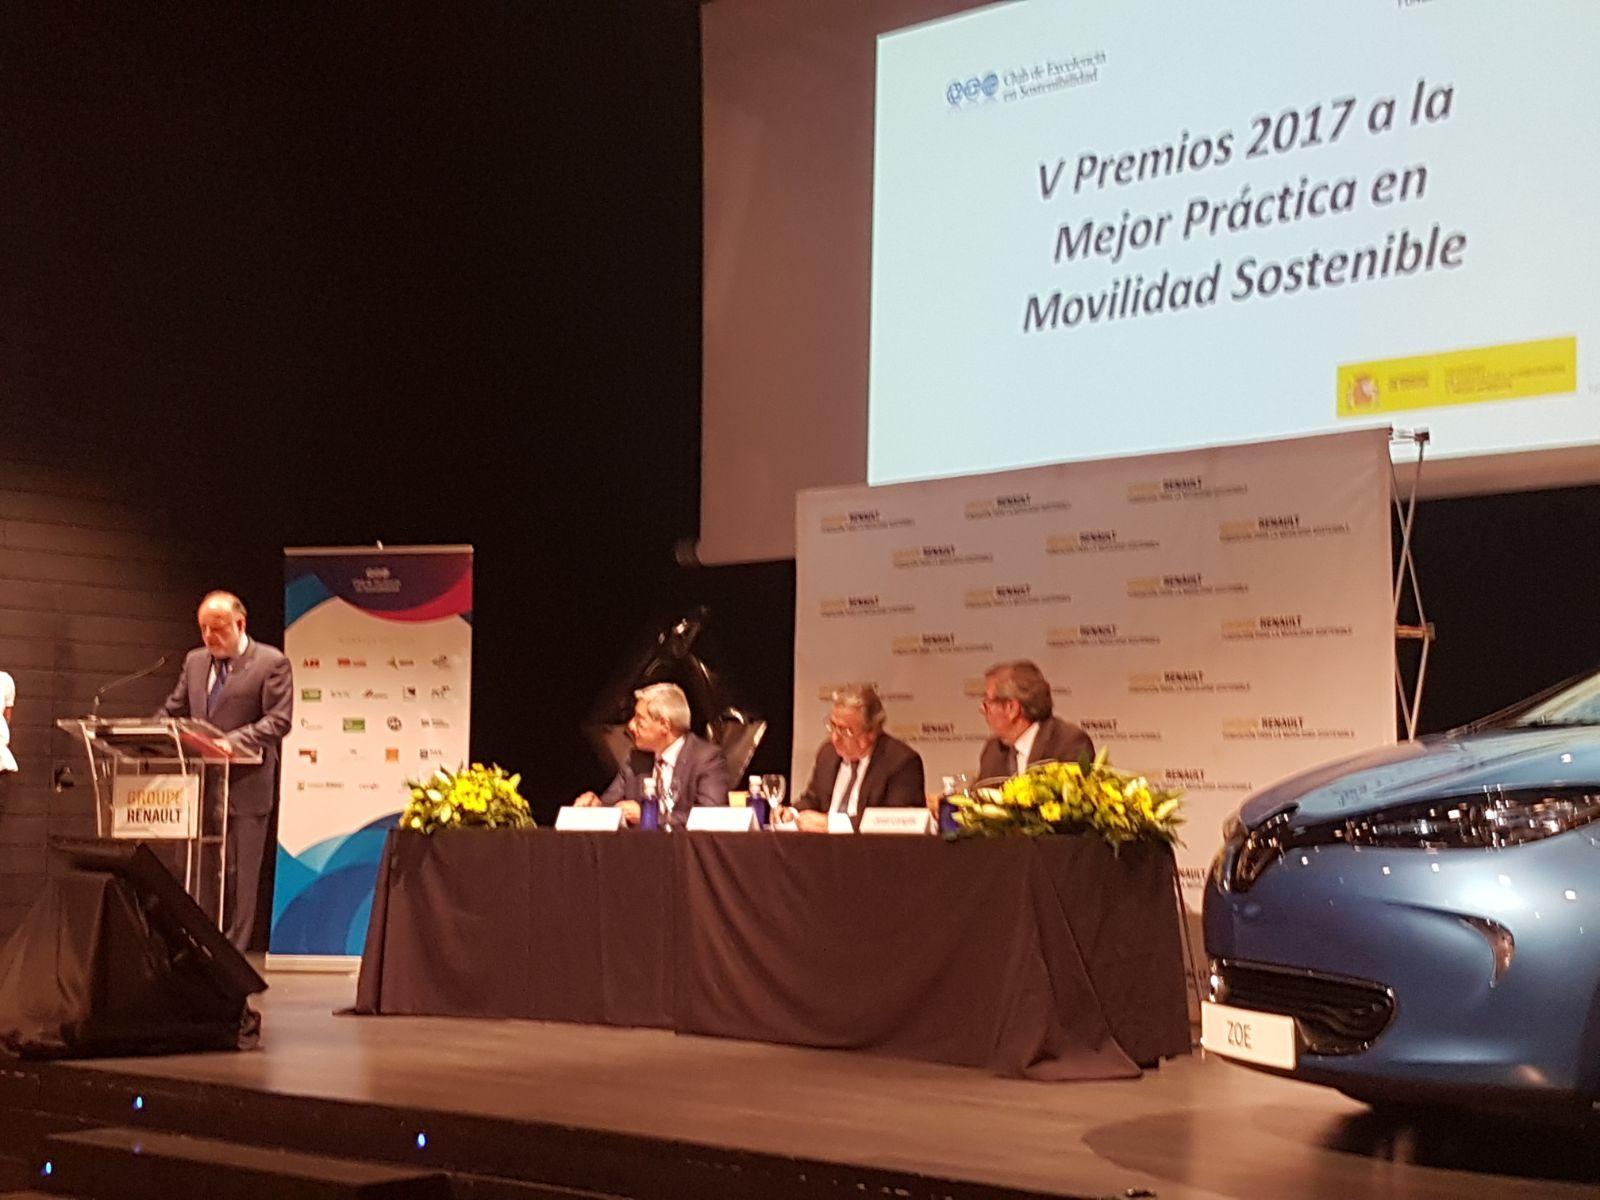 Premios Movilidad Renault